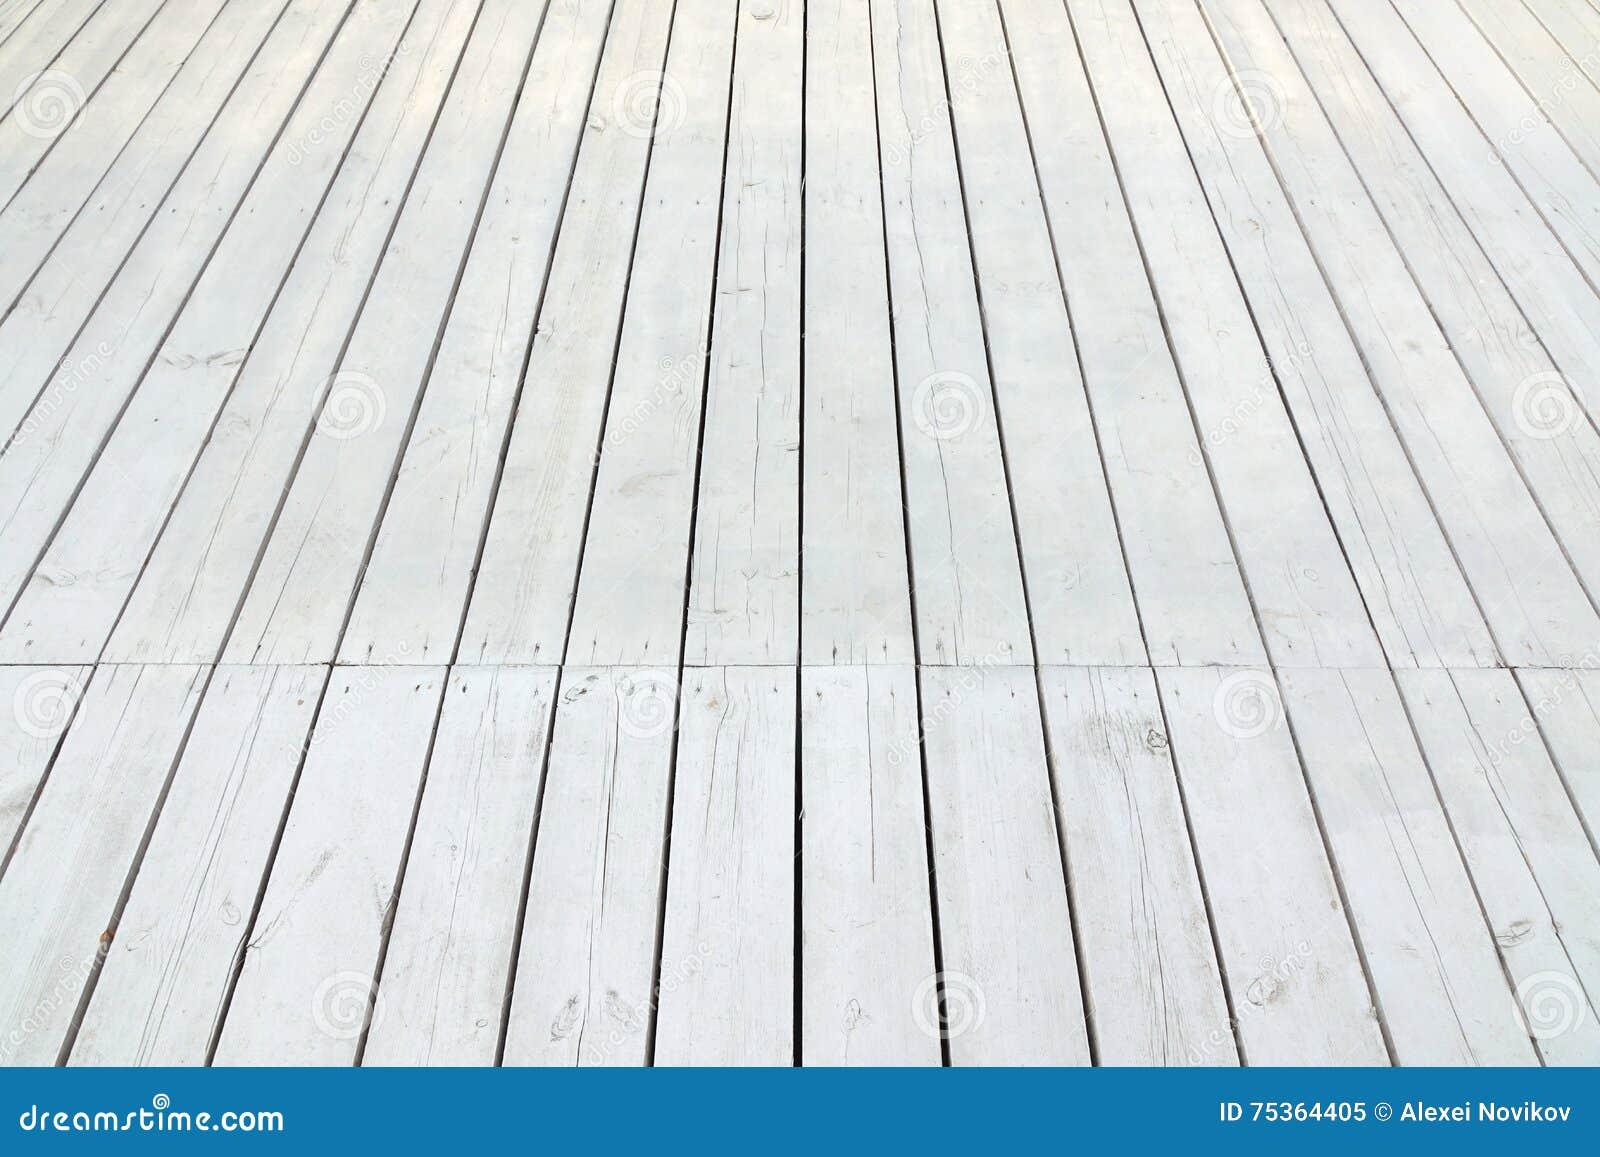 Utomhus- vitt trägolv för uteplats eller för veranda i perspektivsikt